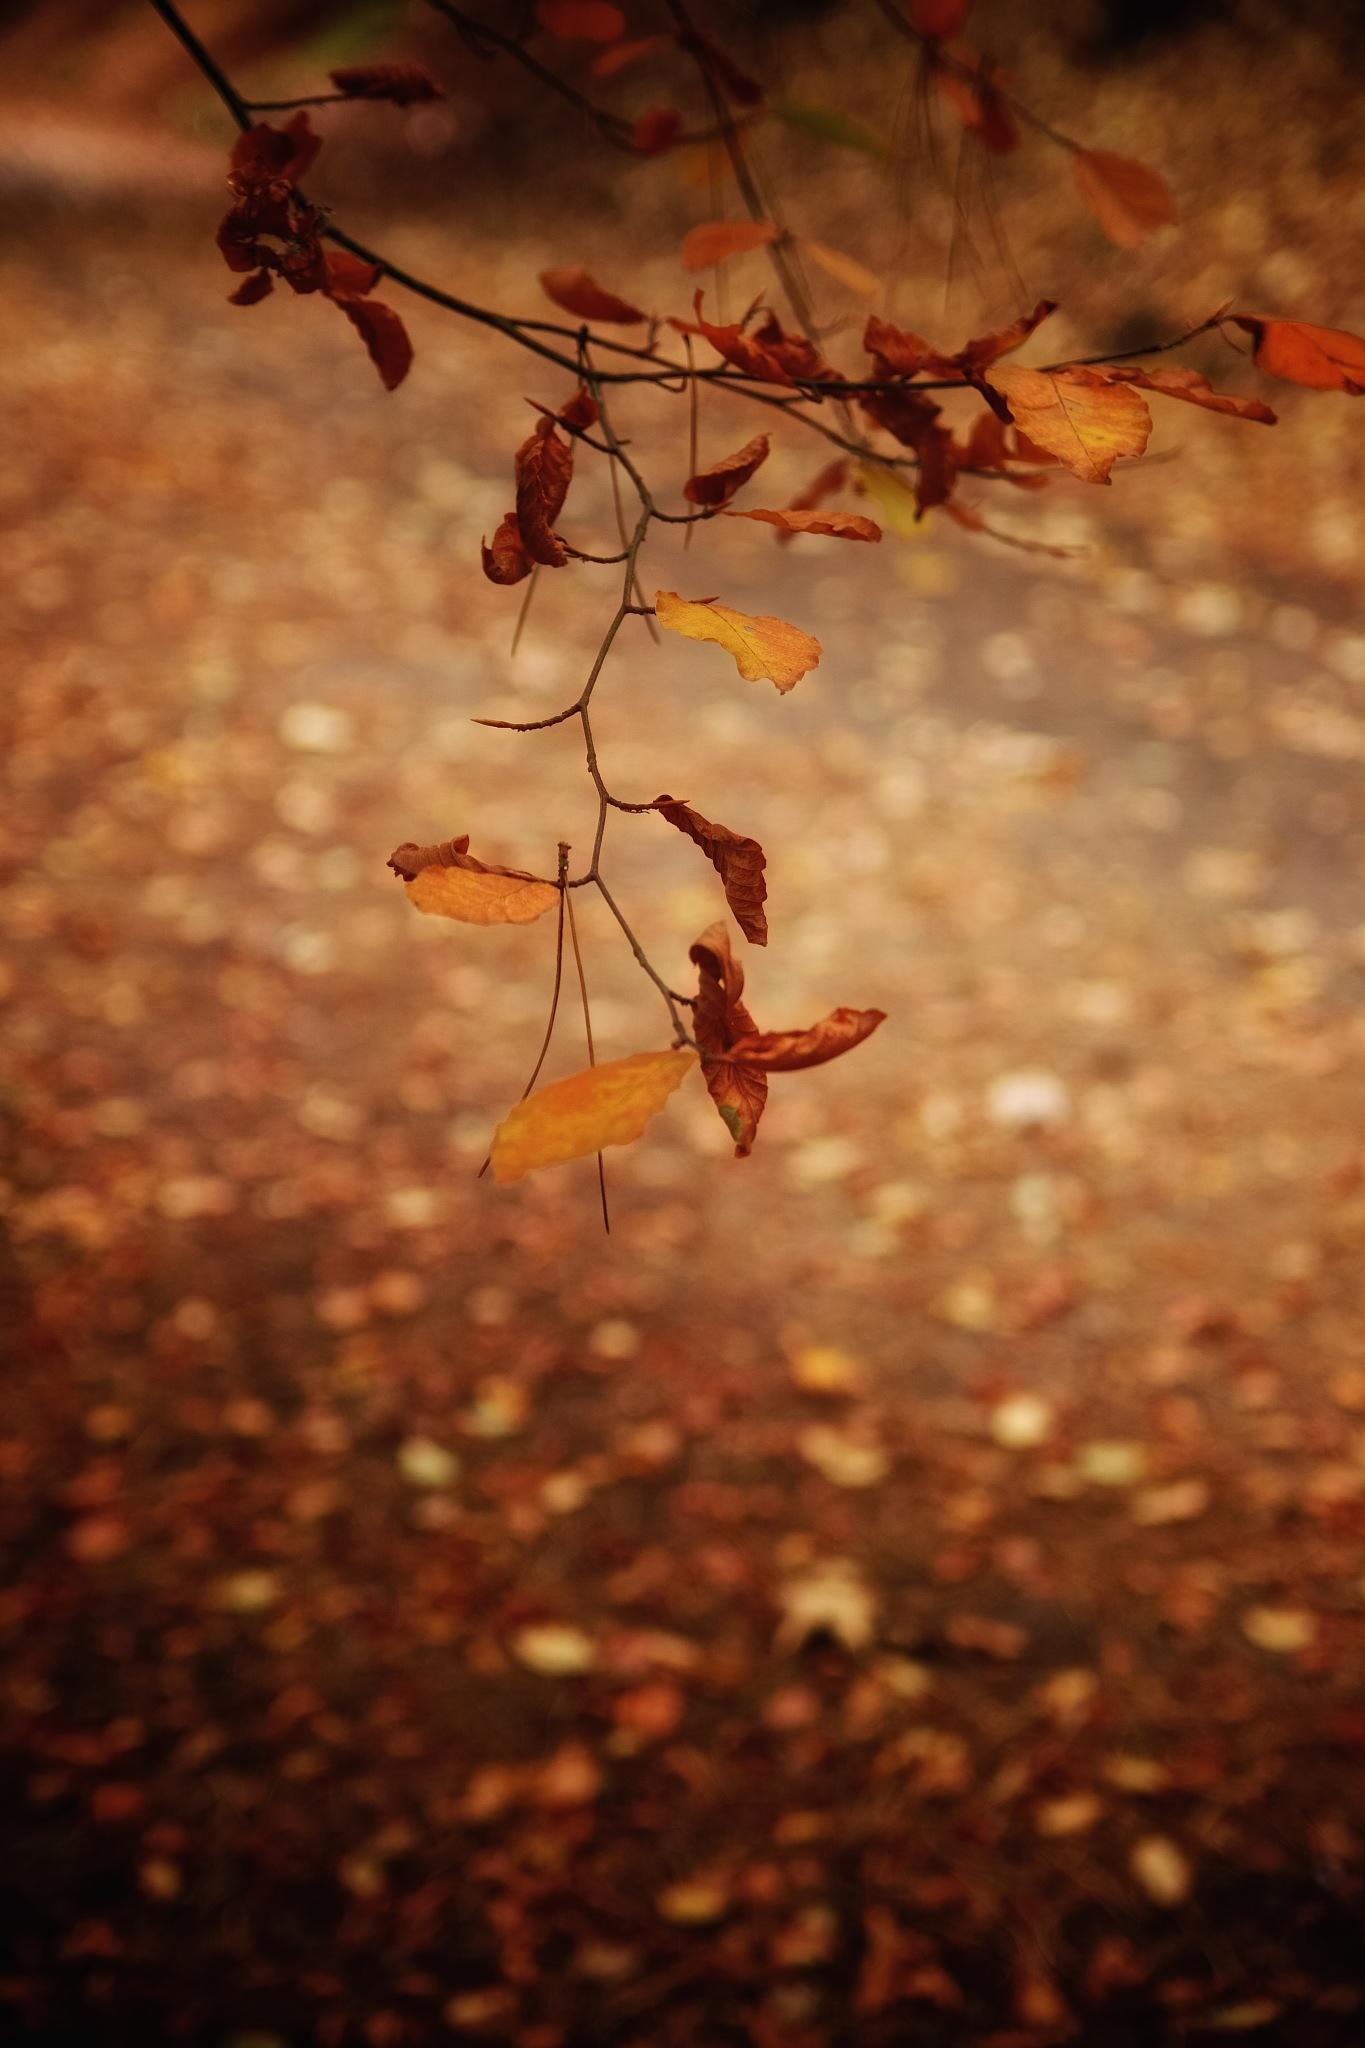 Late Autumn Glow  by dundeedavie